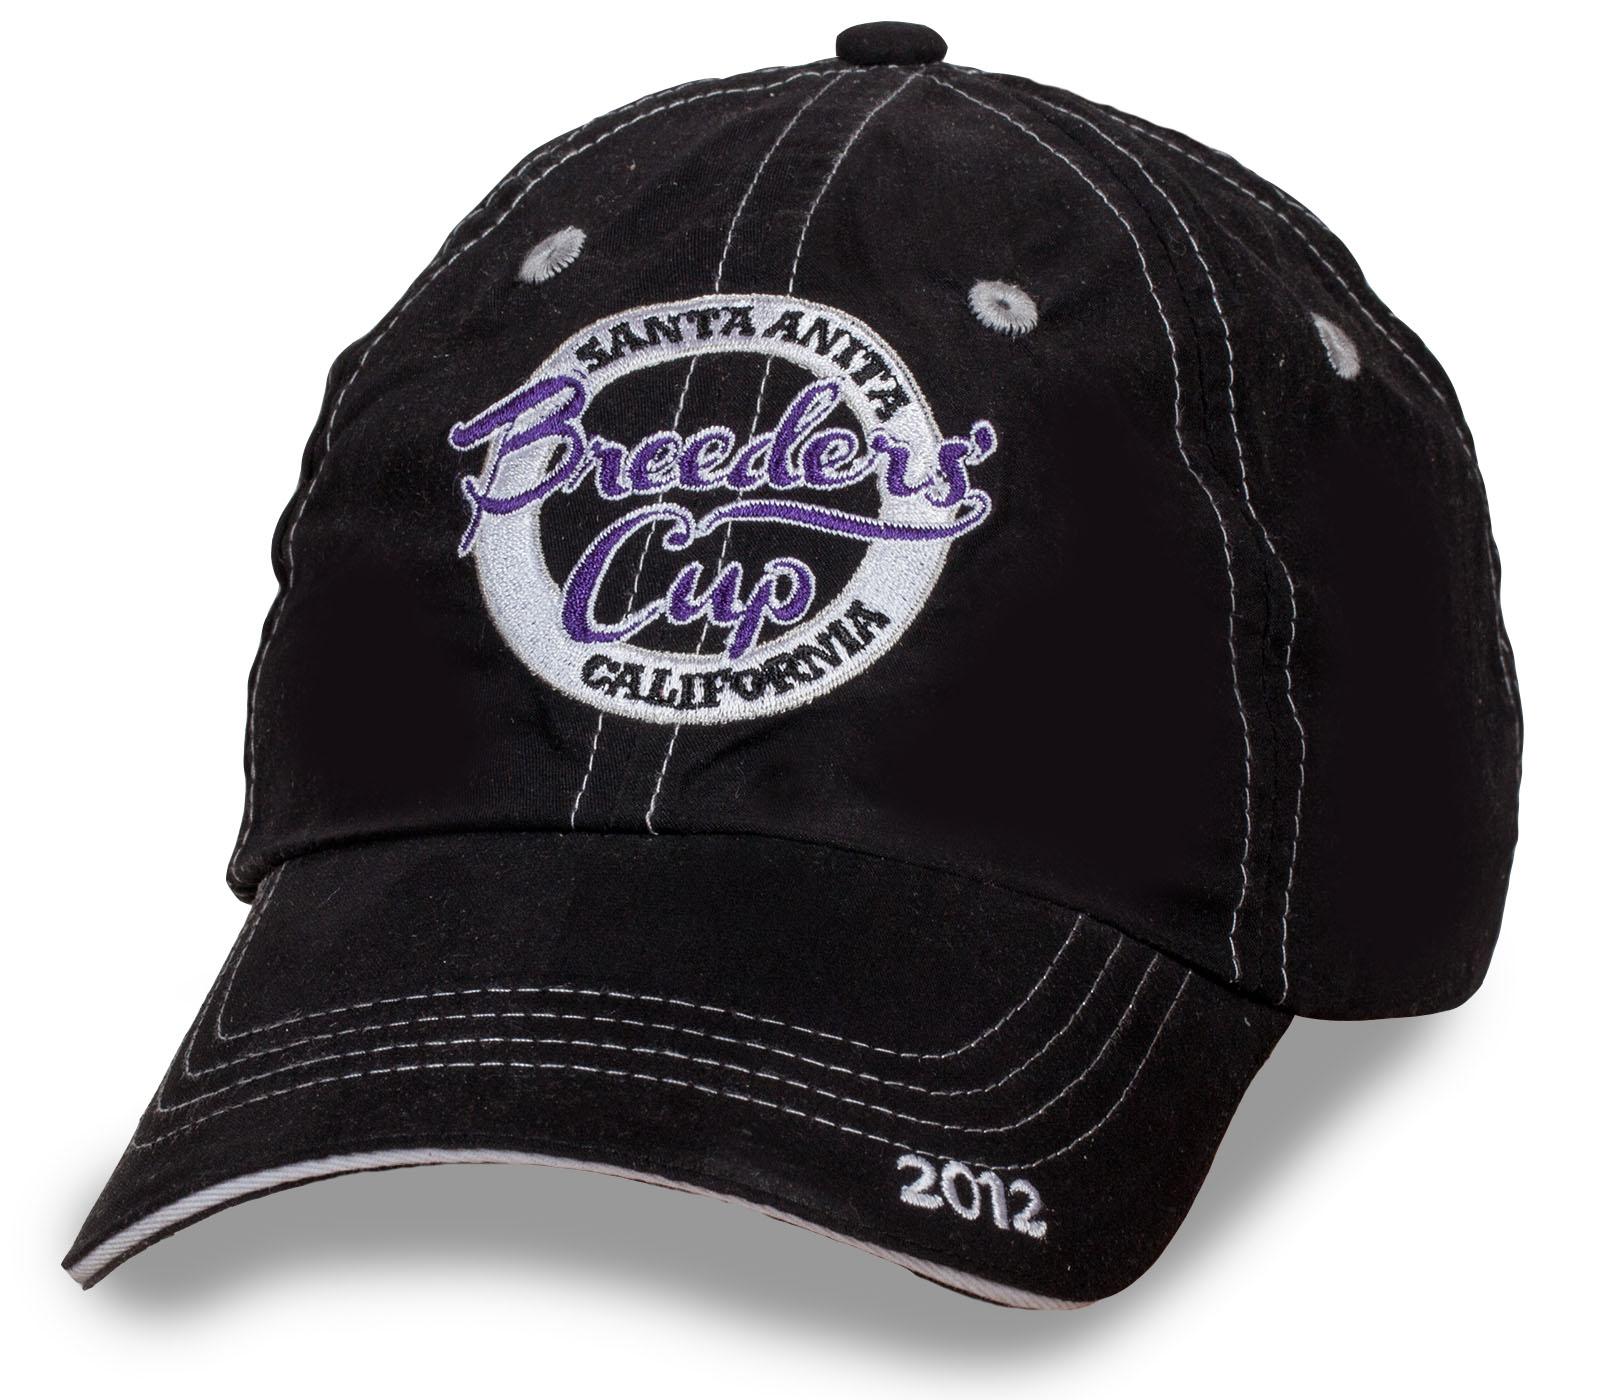 Заказать кепку со стильным логотипом от престижного турнира по конному спорту Breeders' Cup по оптимальной цене